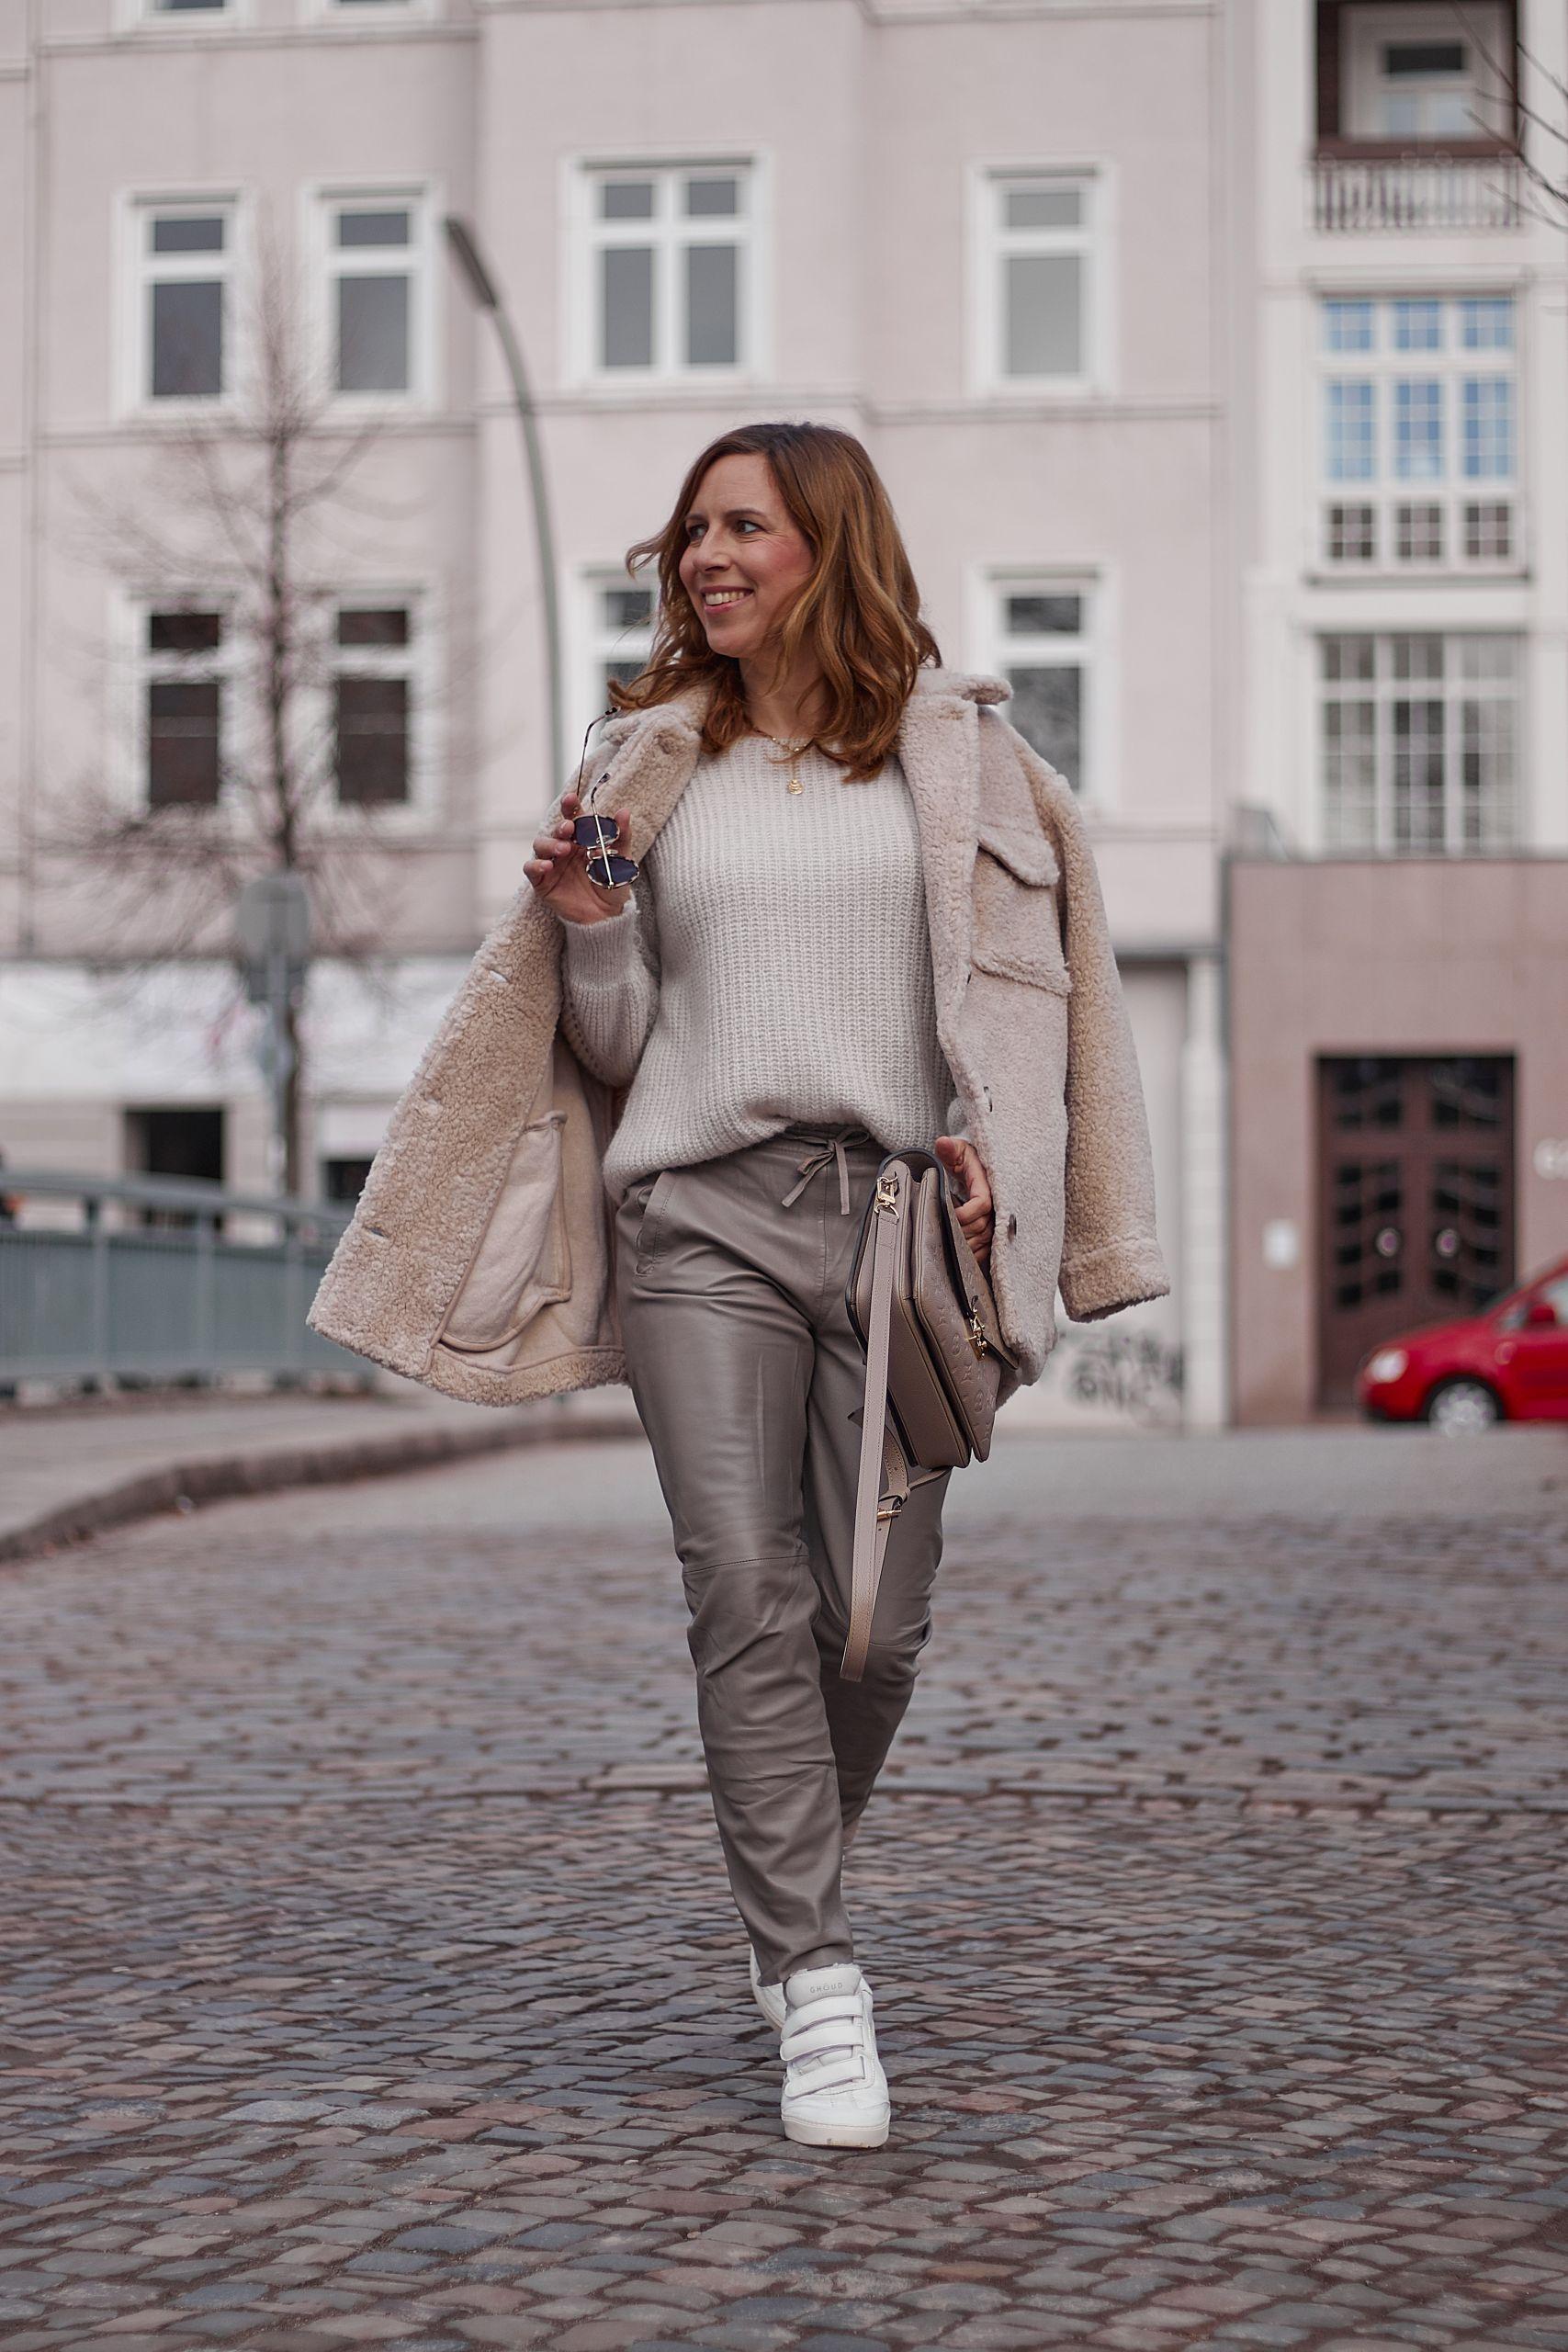 Teddy Jacke Outfit zur Oakwood Lederhose und Pouchette Metis von Louis Vuitton